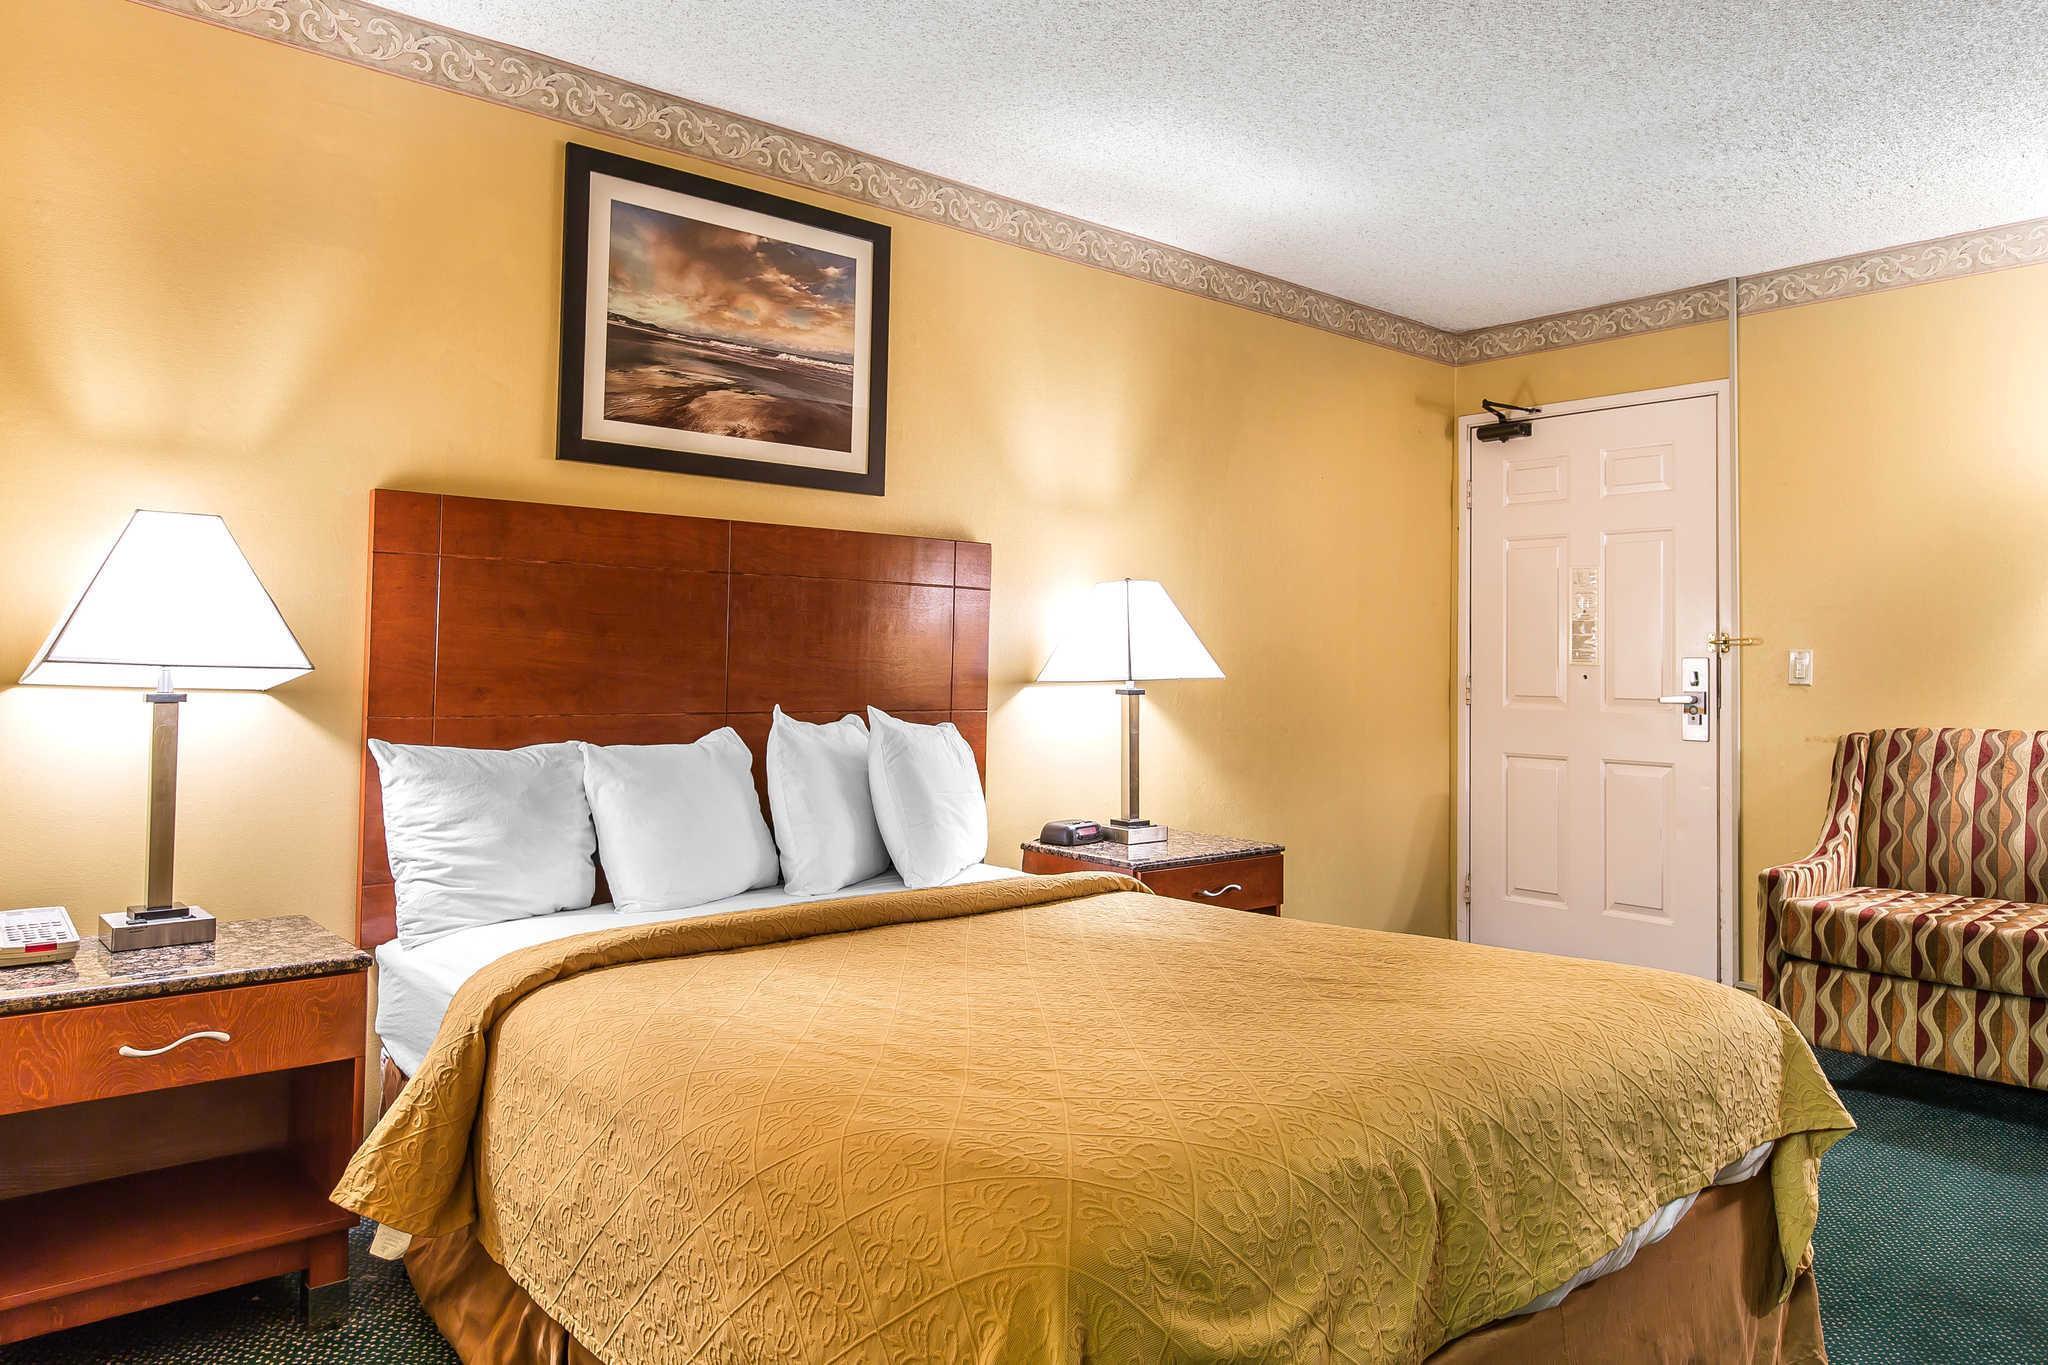 Quality Inn & Suites, Ventura